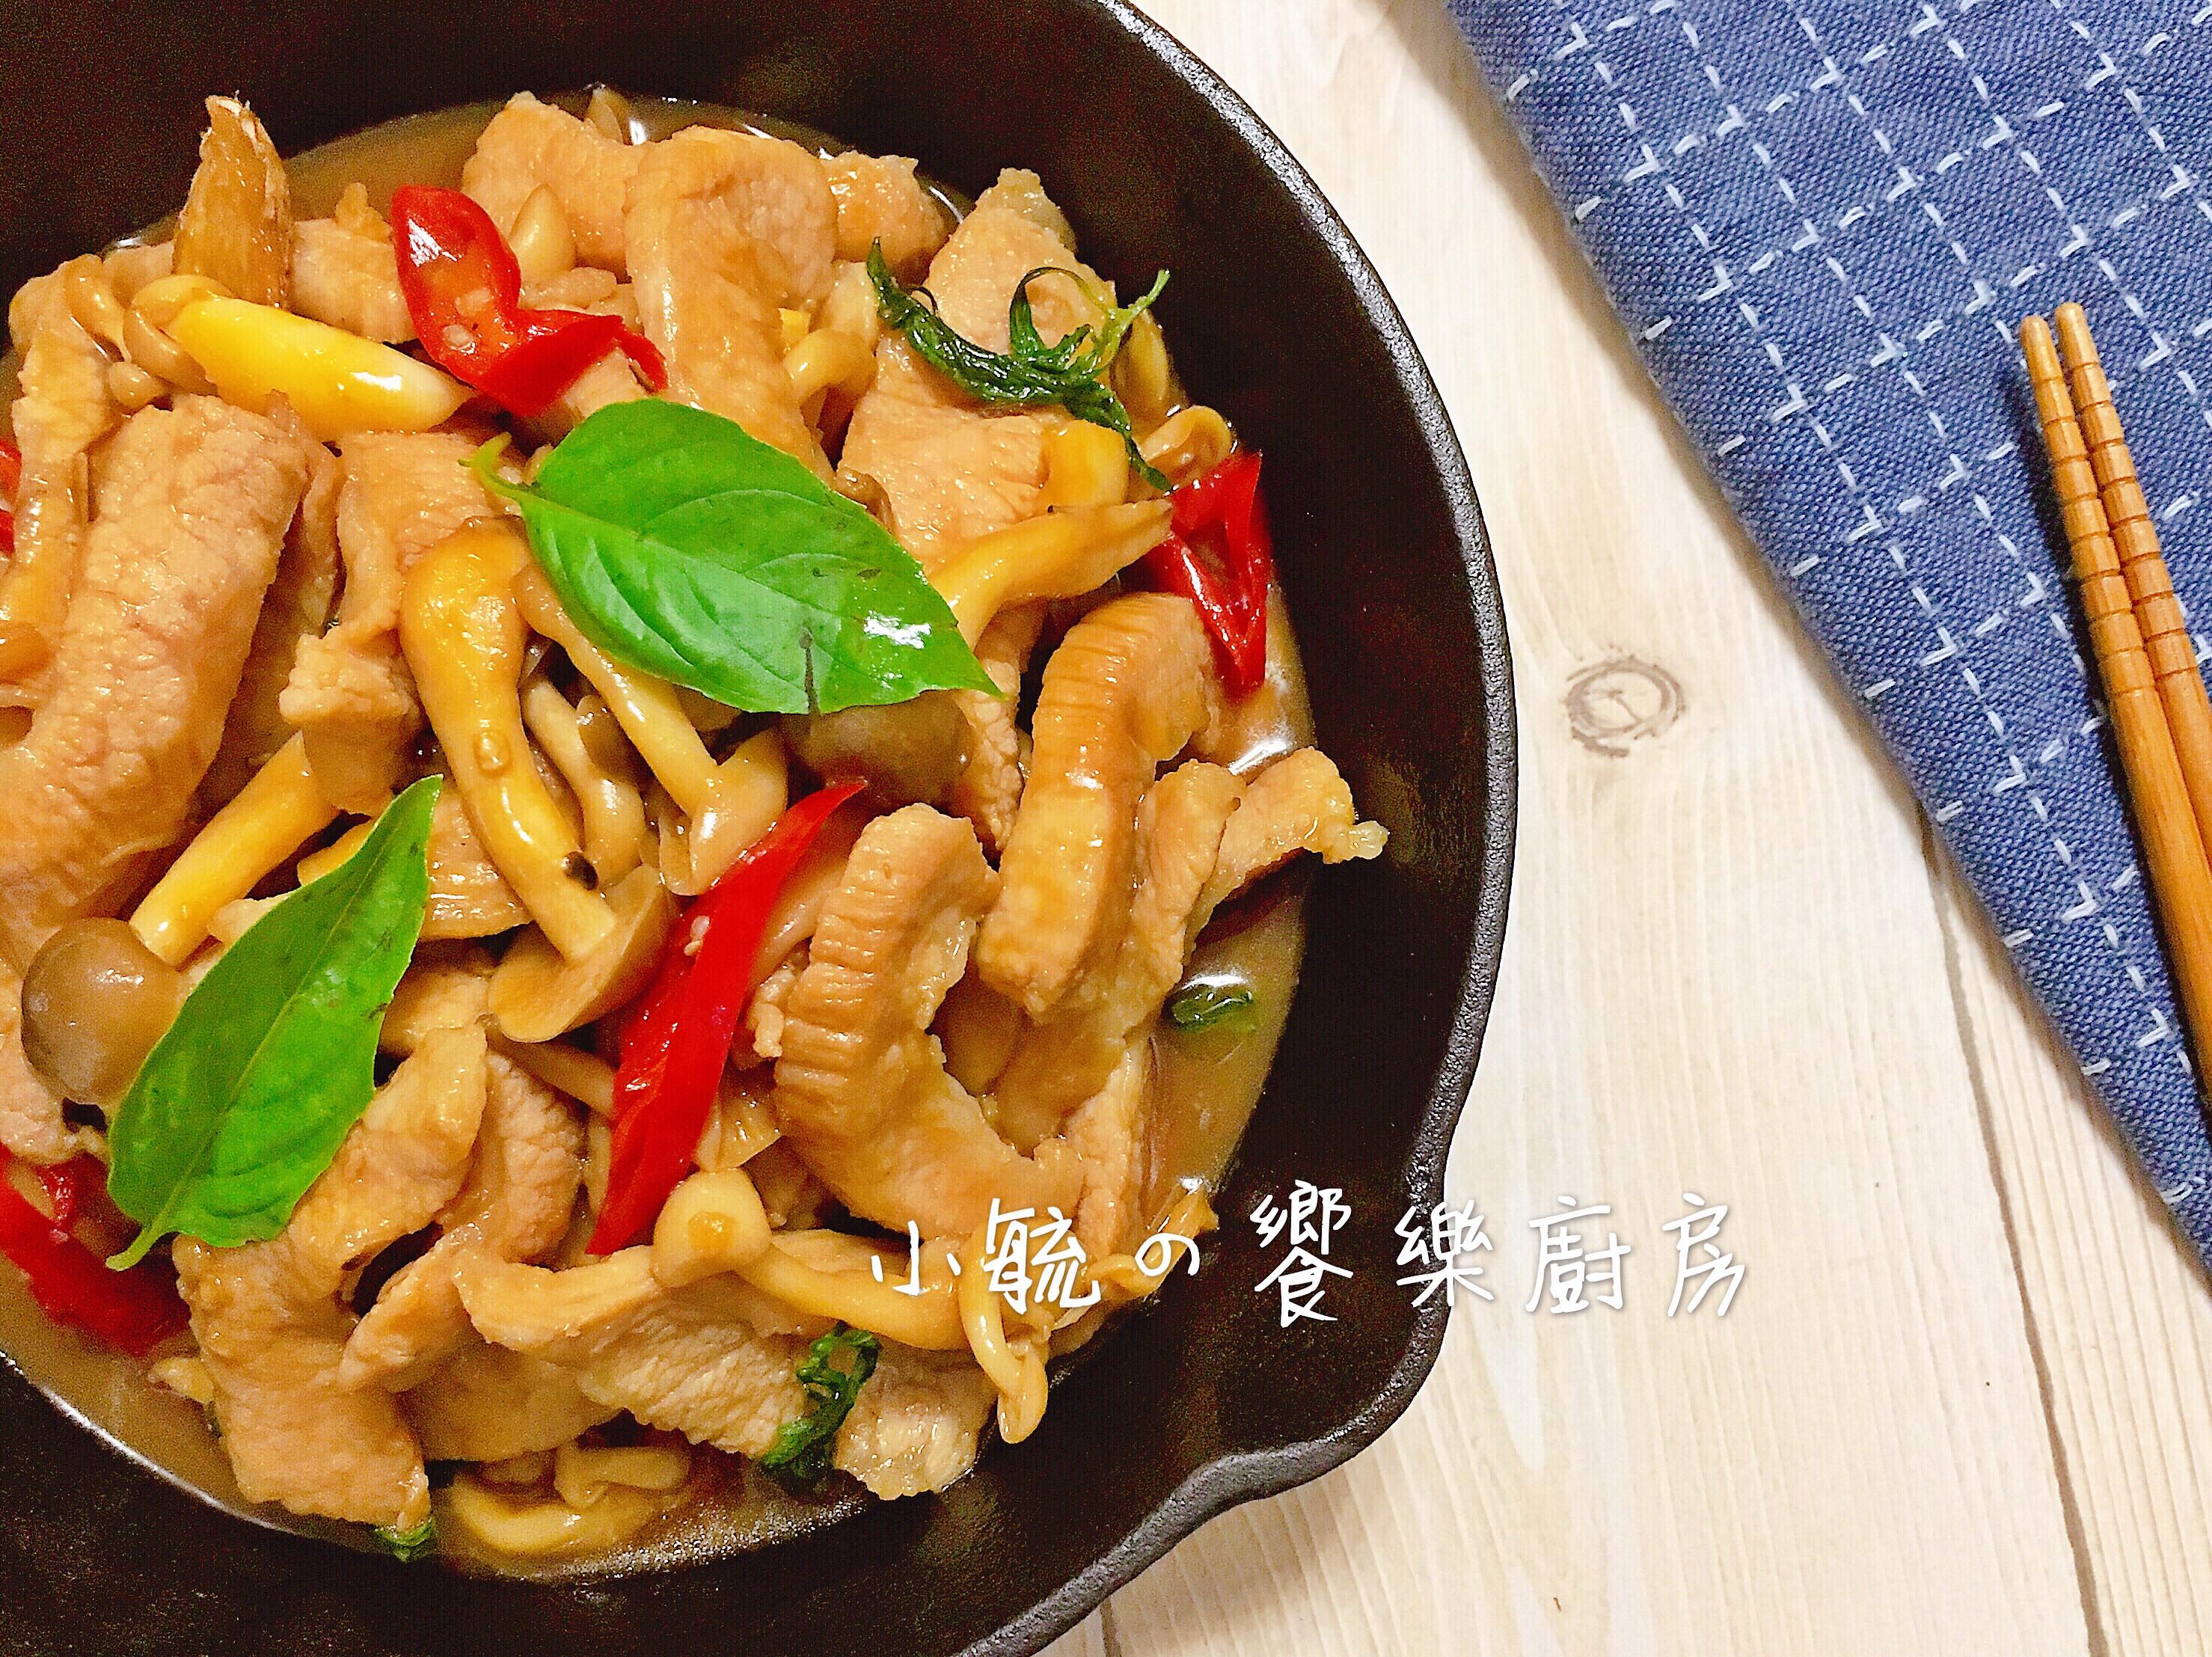 三杯菇菇松阪豬 【好菇道營養料理】